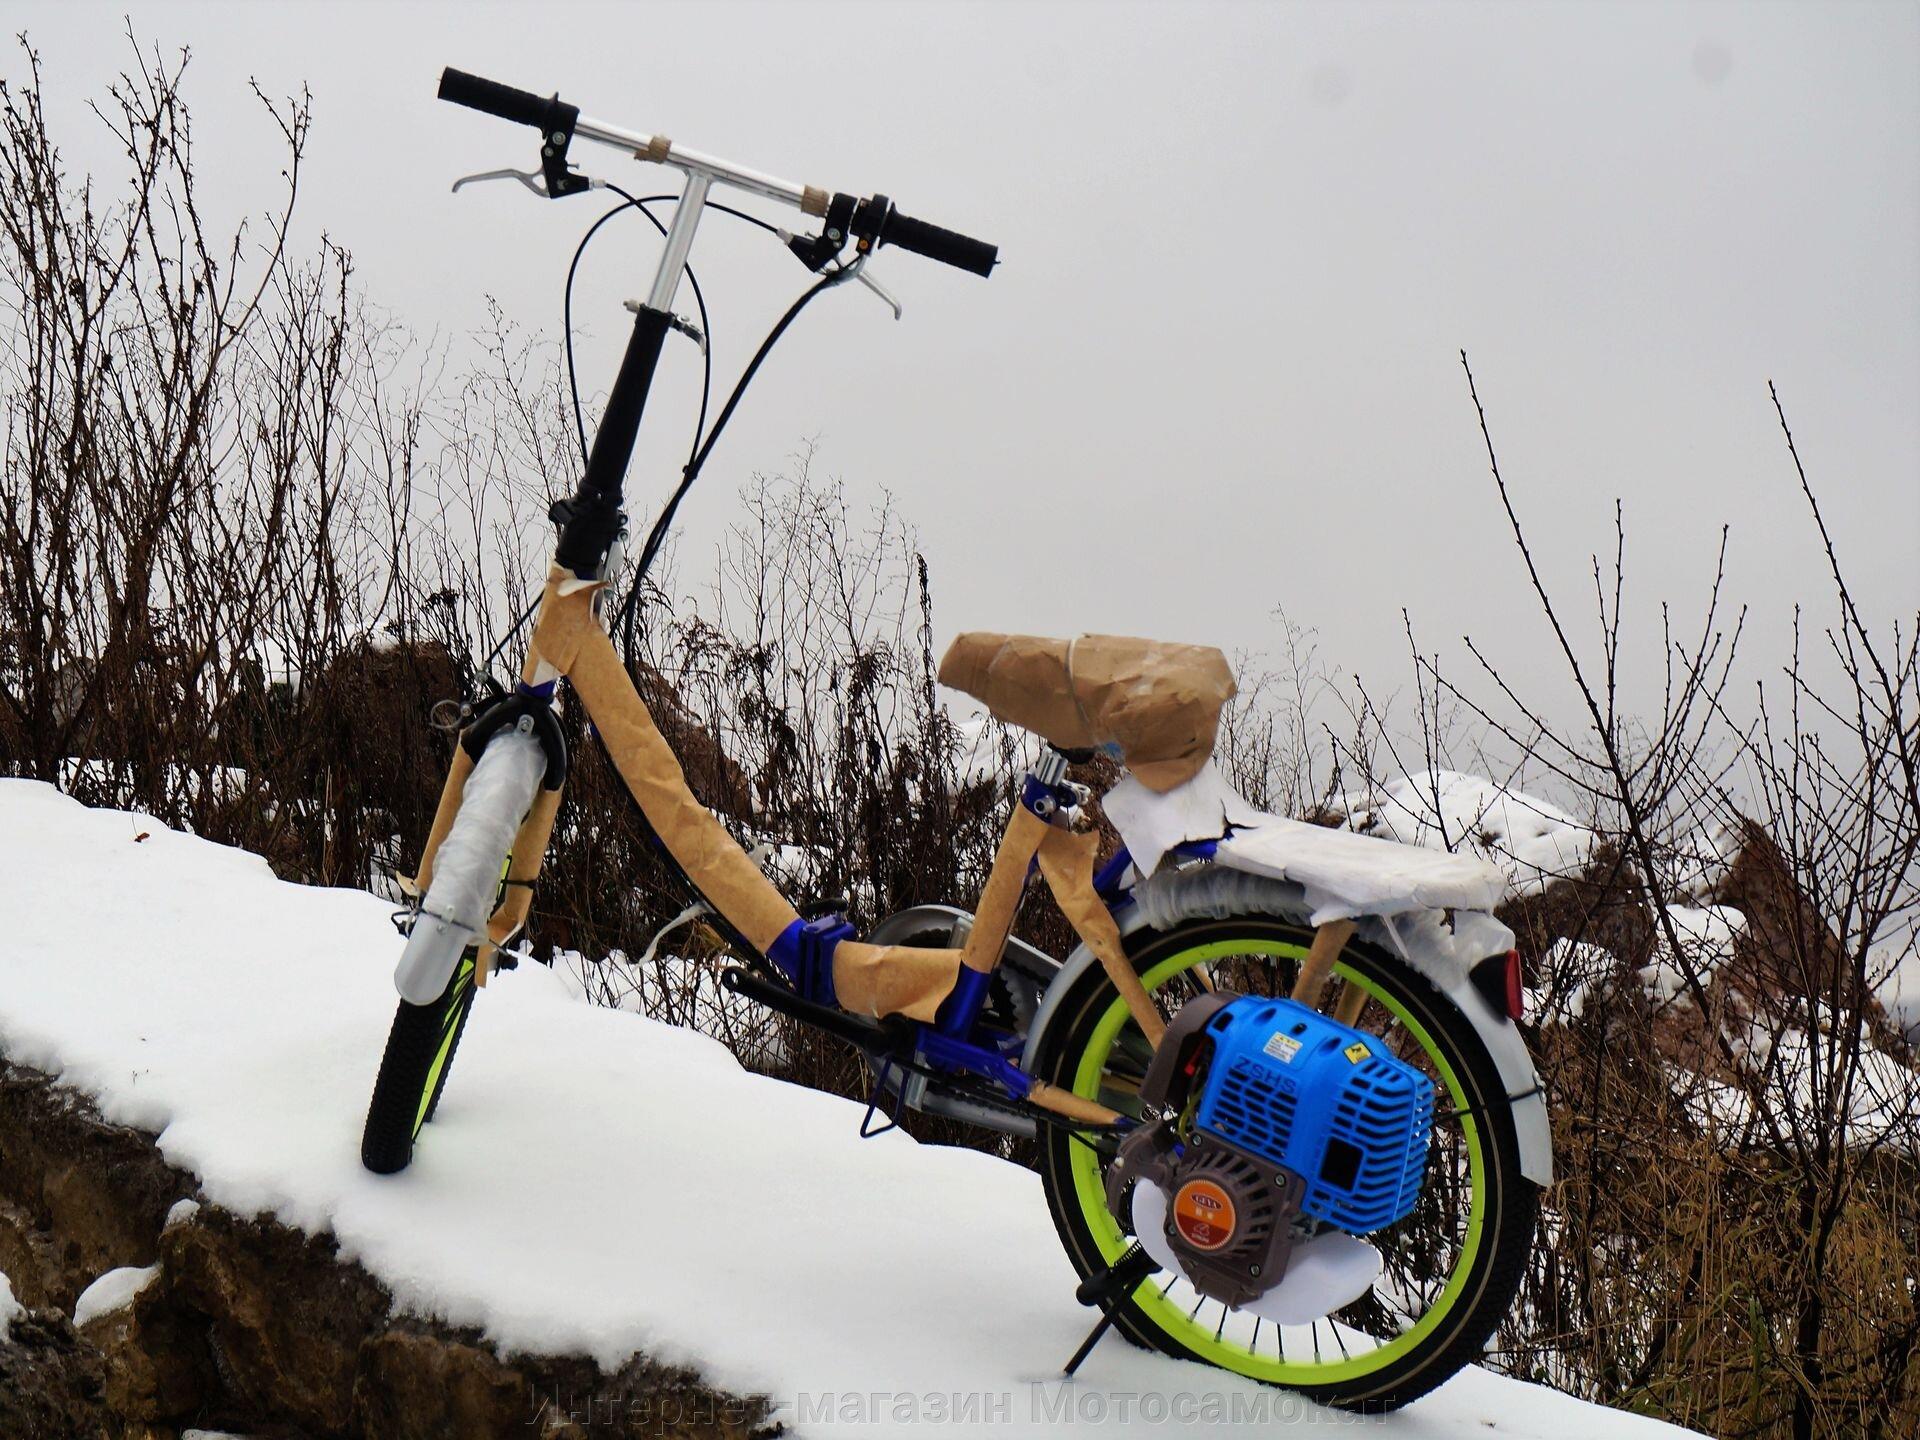 Велосипед с бензиновым четырехтактным мотором Мотакс Лампа, складной 20 дюймов.